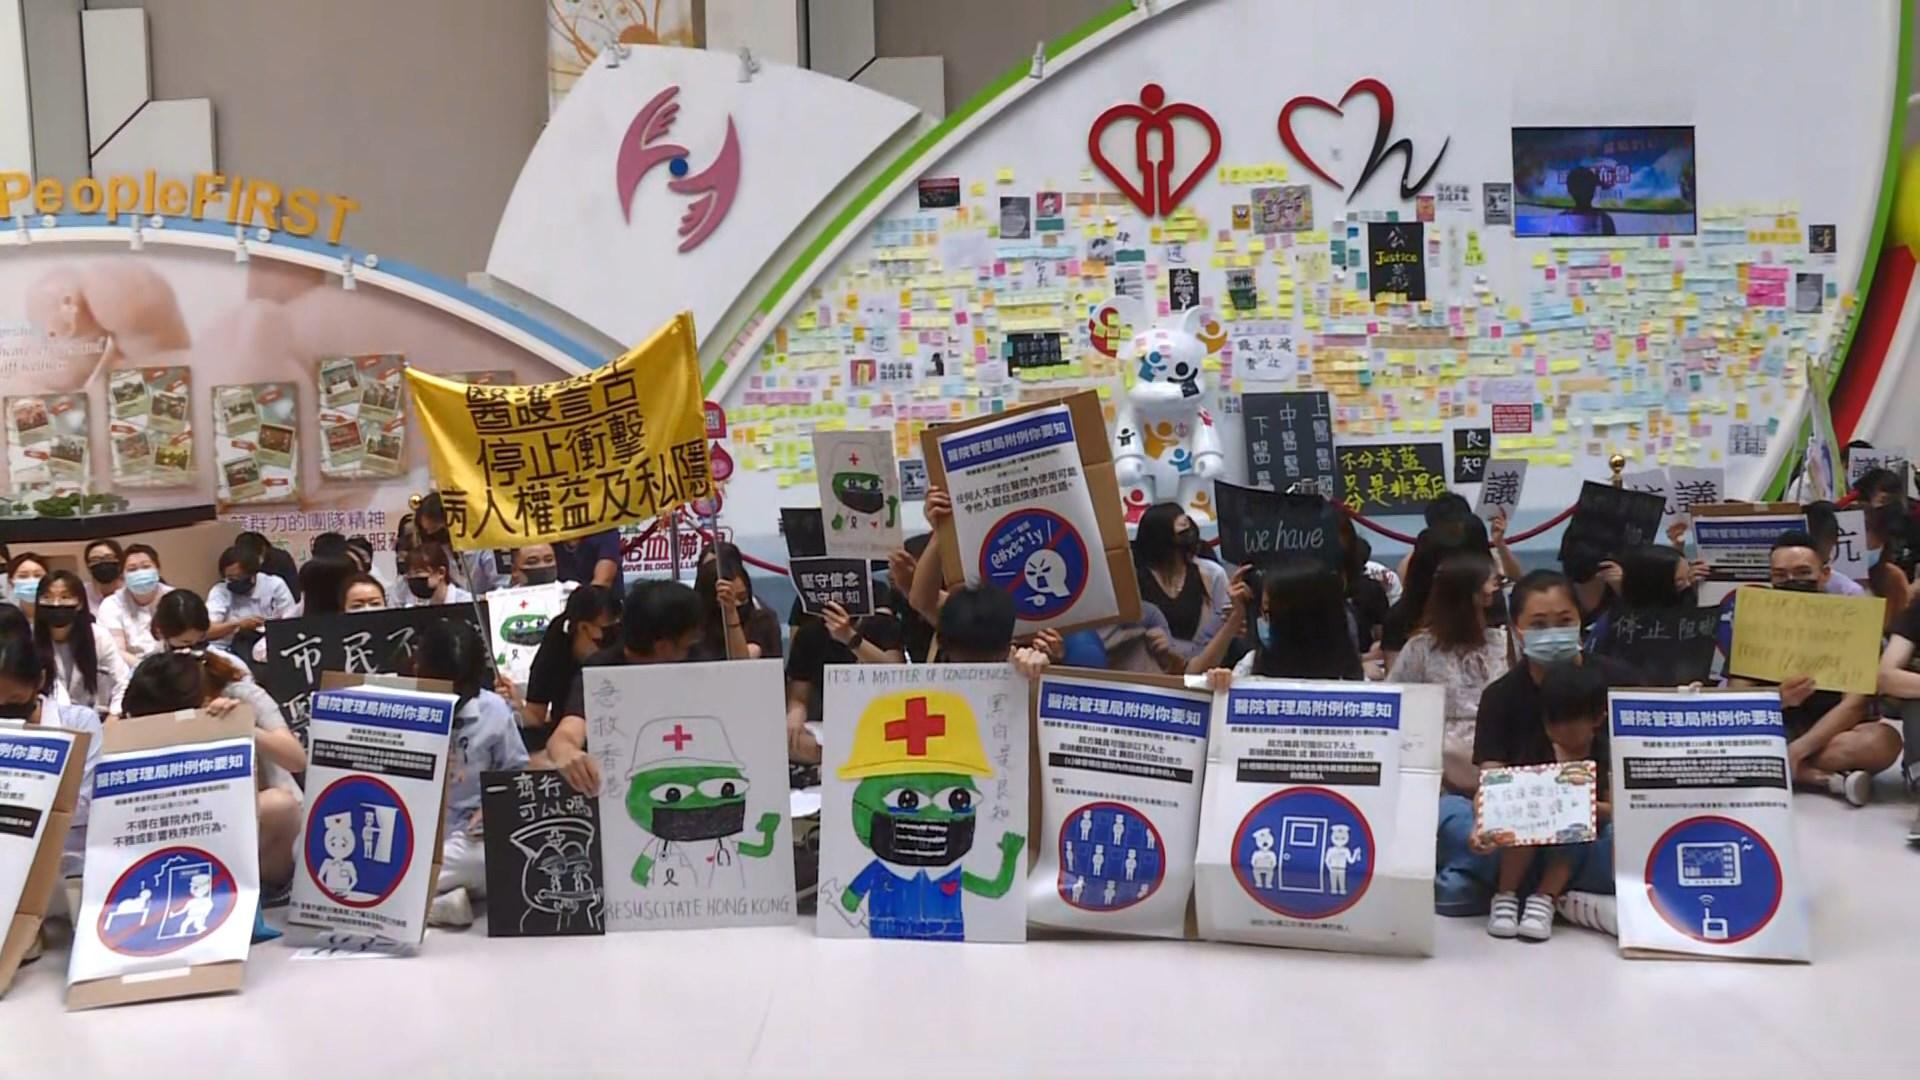 屯門醫院職員集會 抗議防暴警進醫院範圍